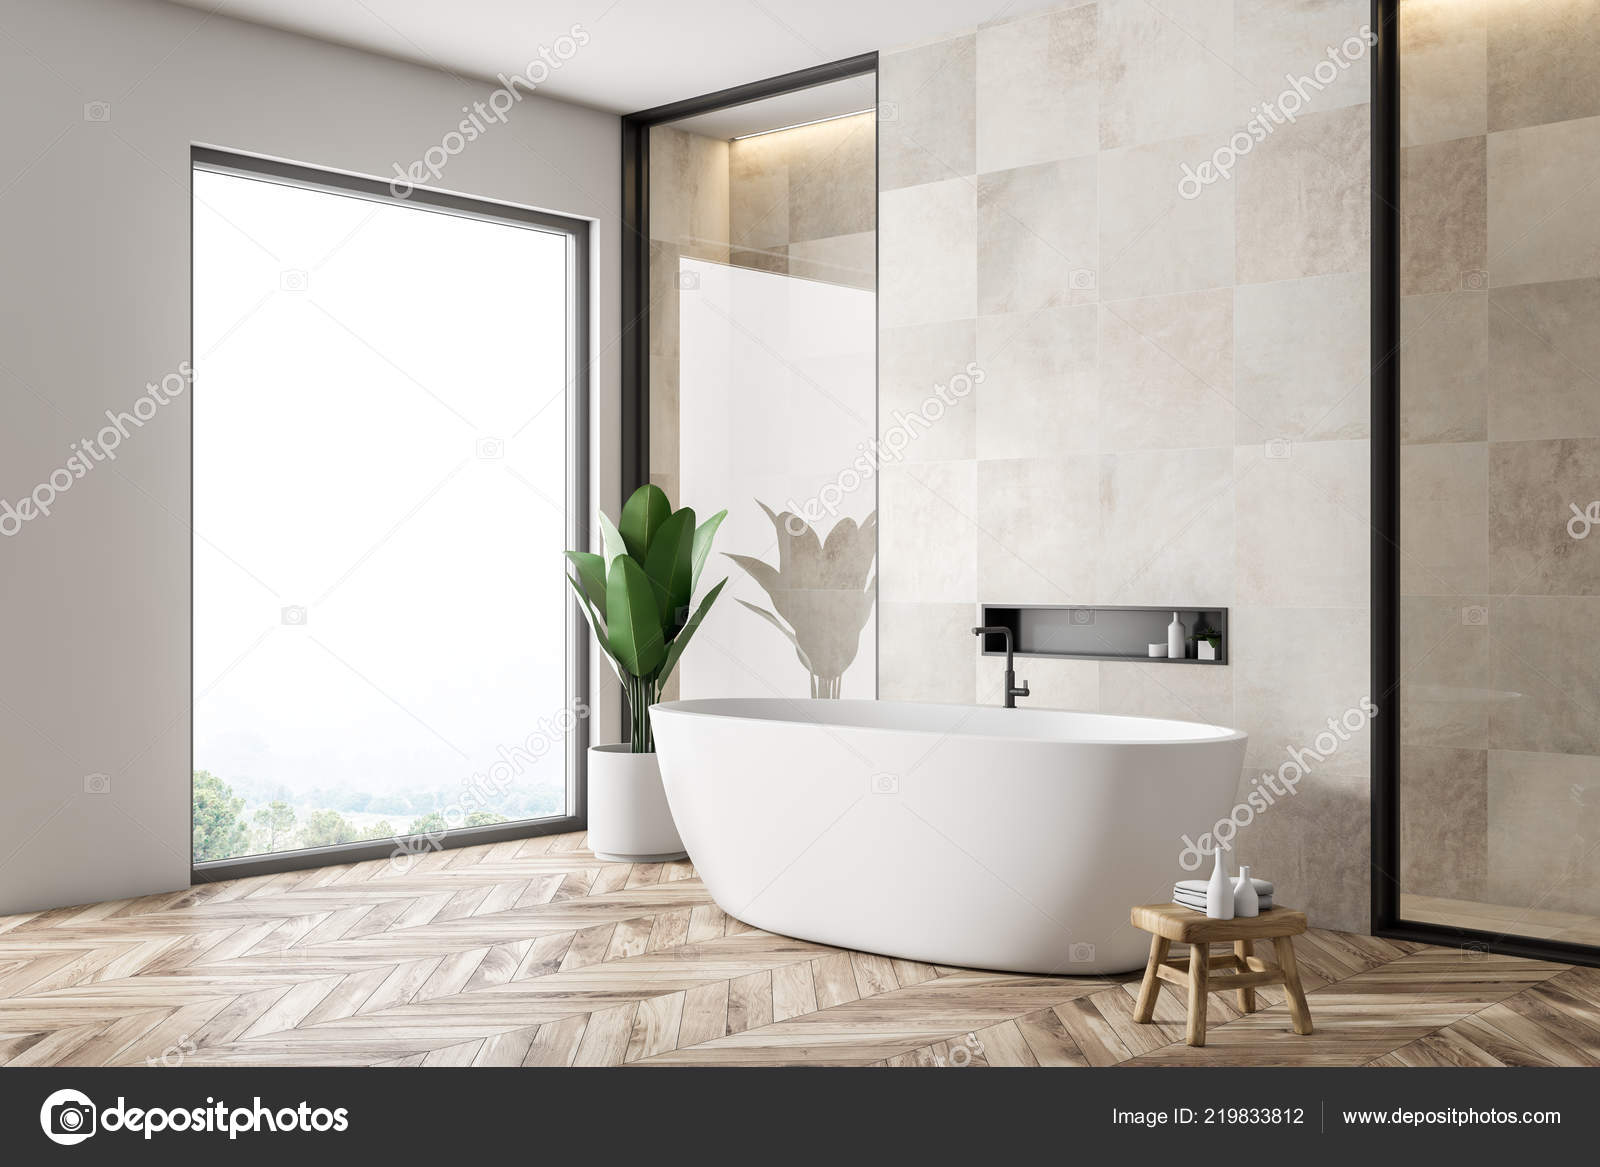 Holzfußboden Bad ~ Modernes bad ecke mit weißen fliesen wände holzfußboden weiße